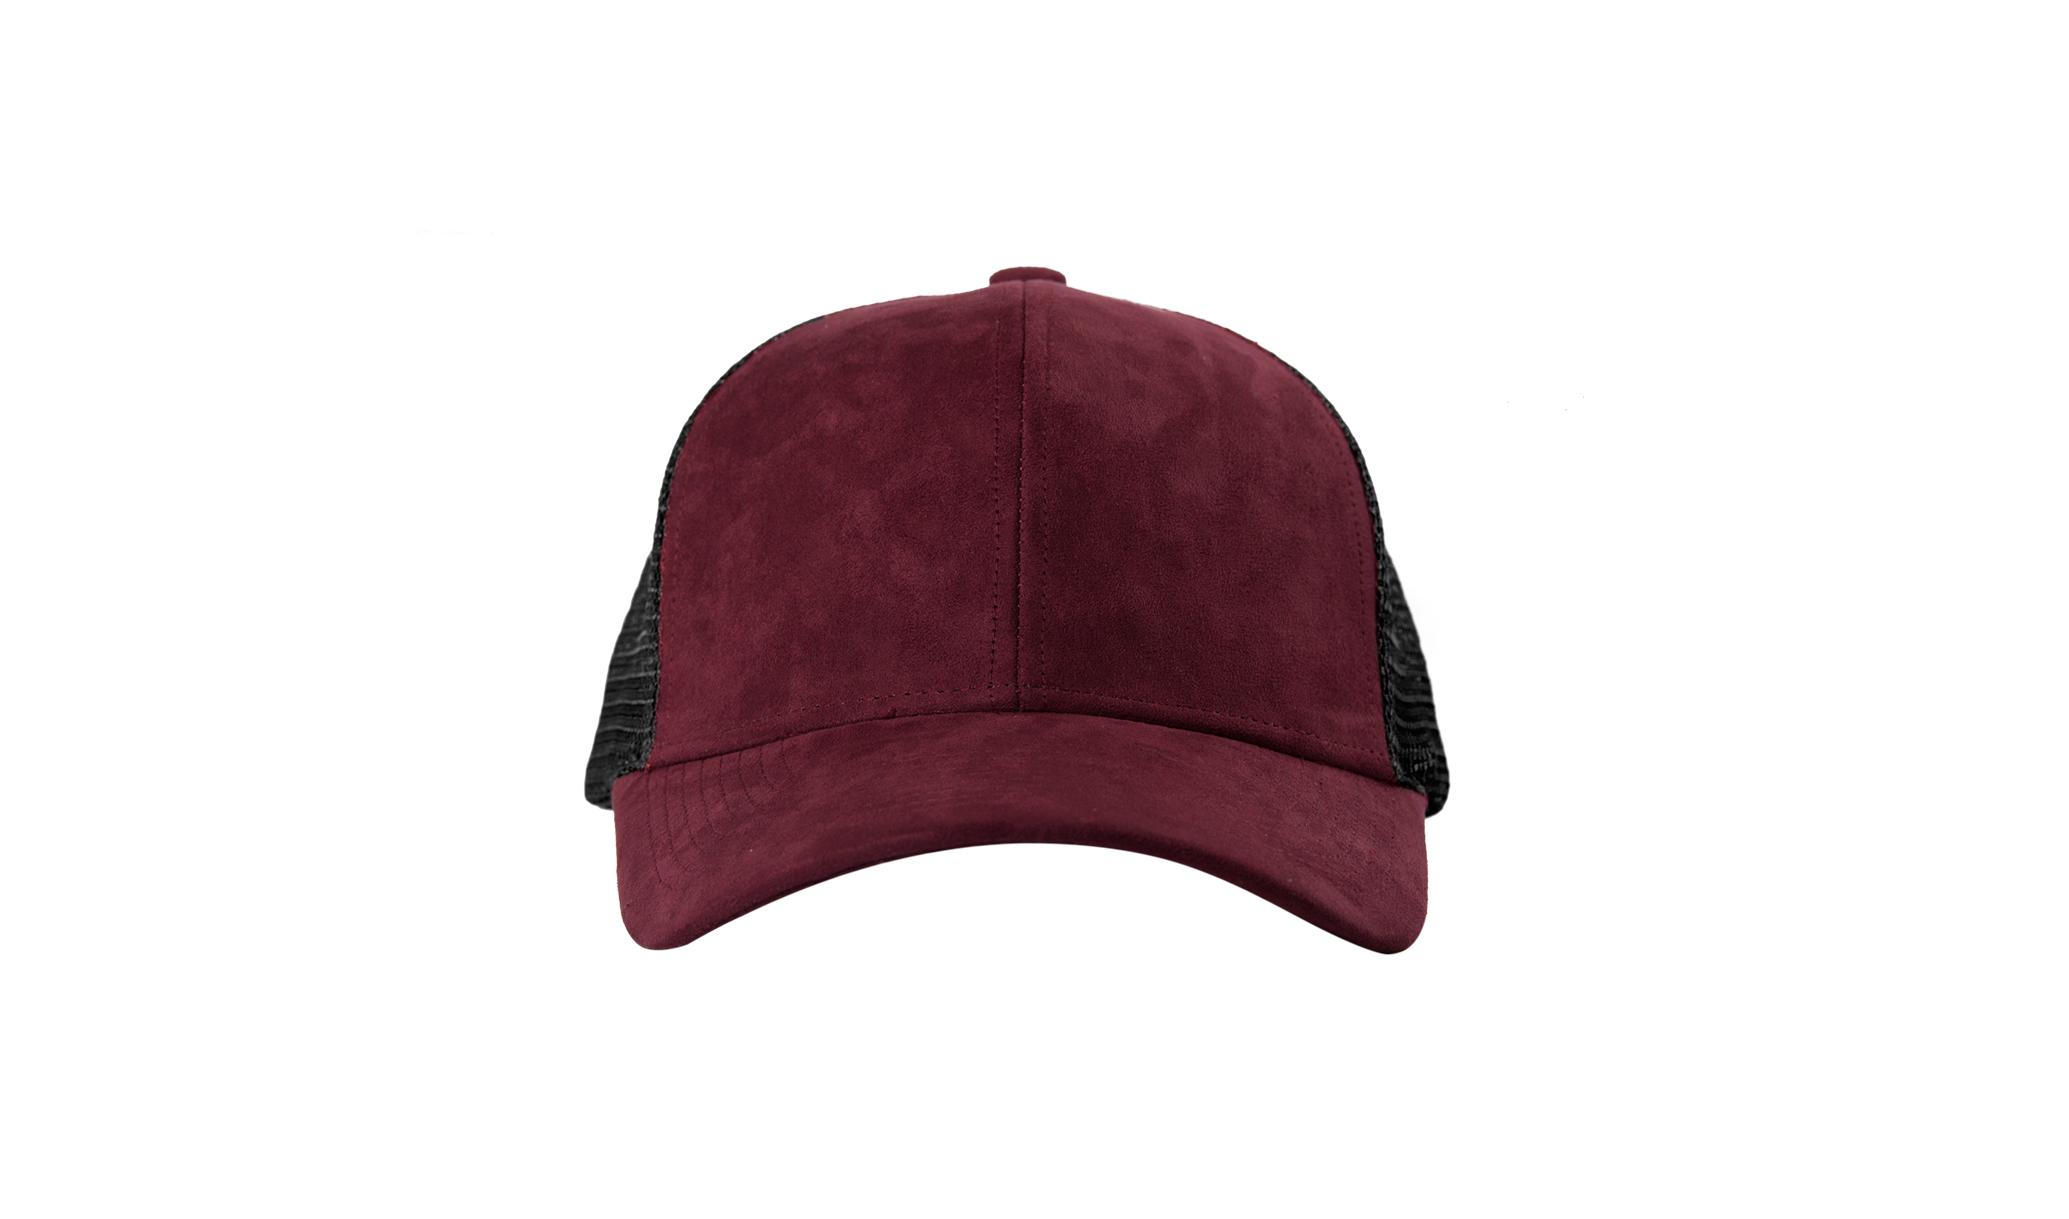 TRUCKER CAP BORDEAUX SUEDE FRONT